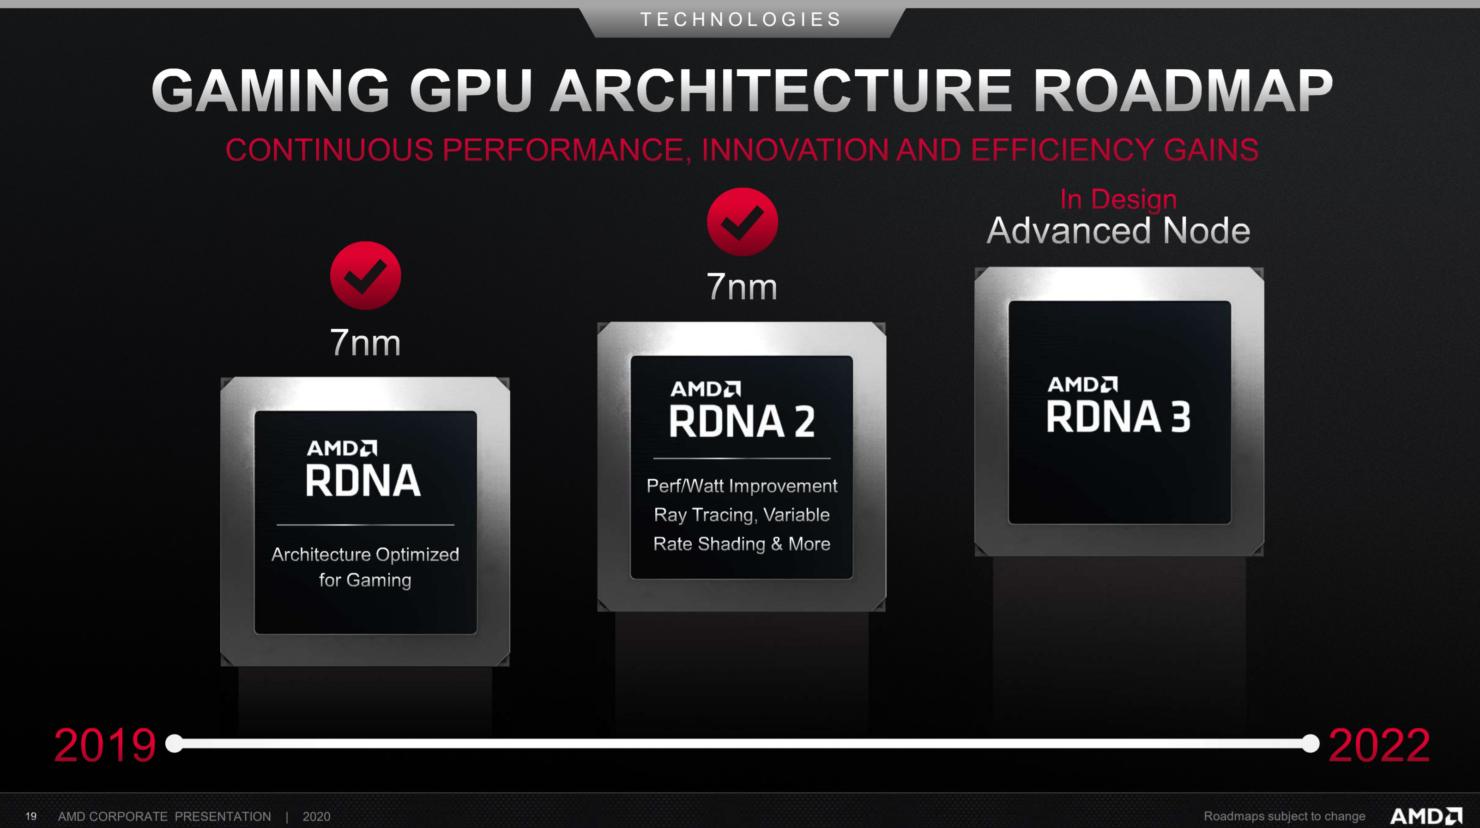 amd-rdna-gpu-architecture-roadmap-2022